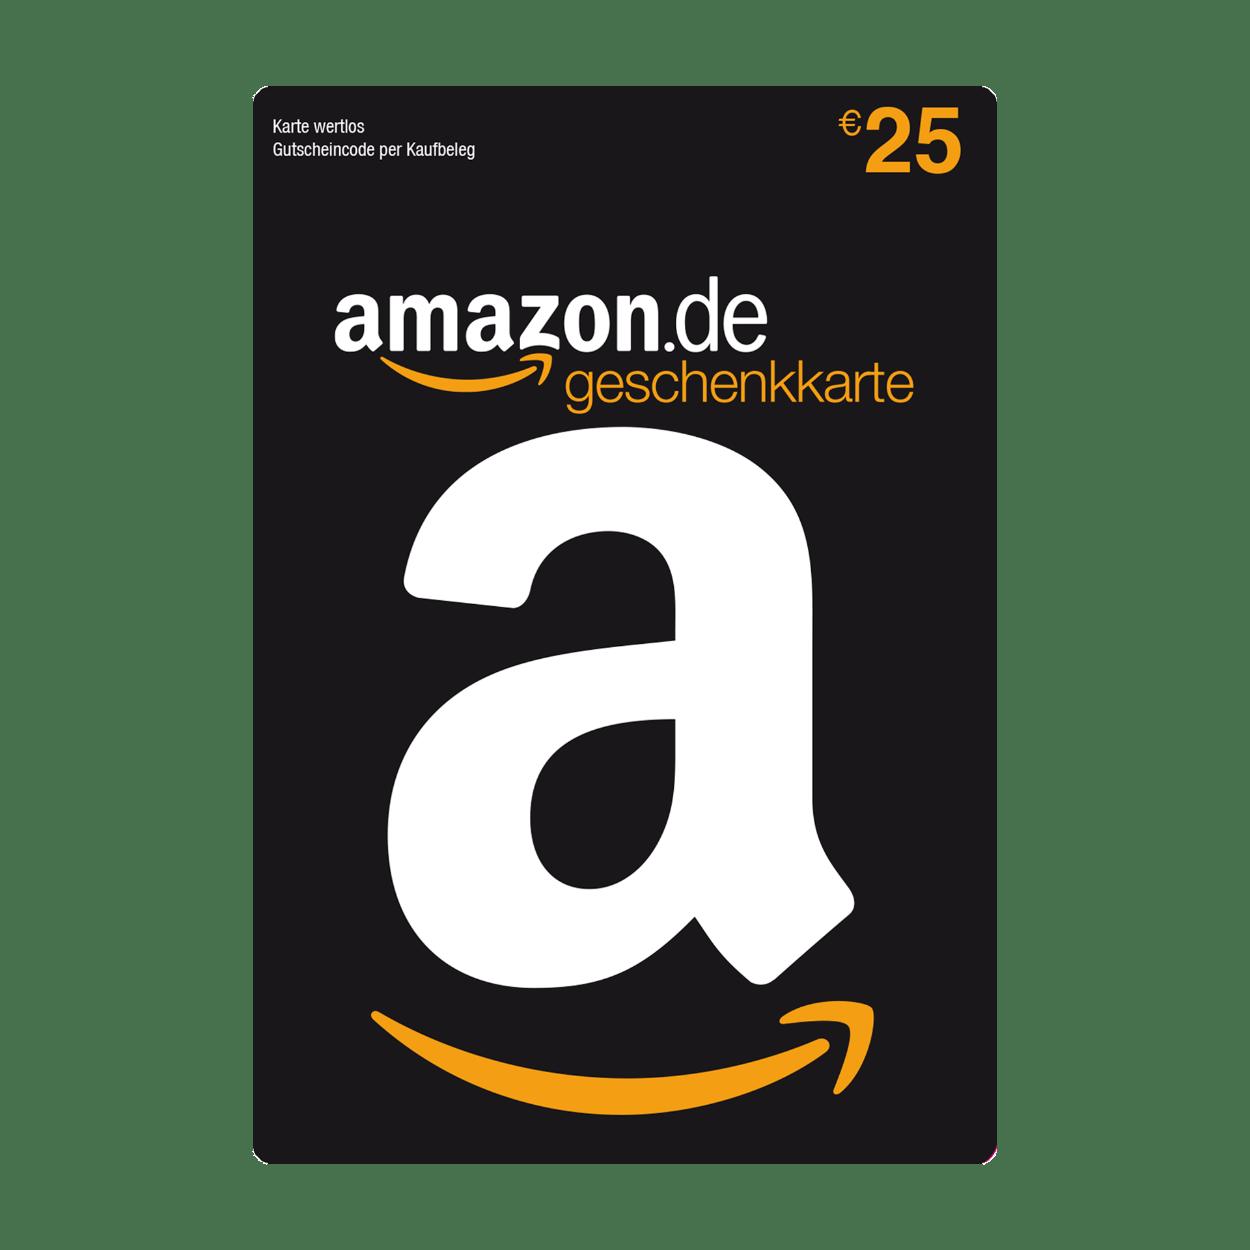 Amazon Gutschein Karte.Amazon De Geschenkkarte 25